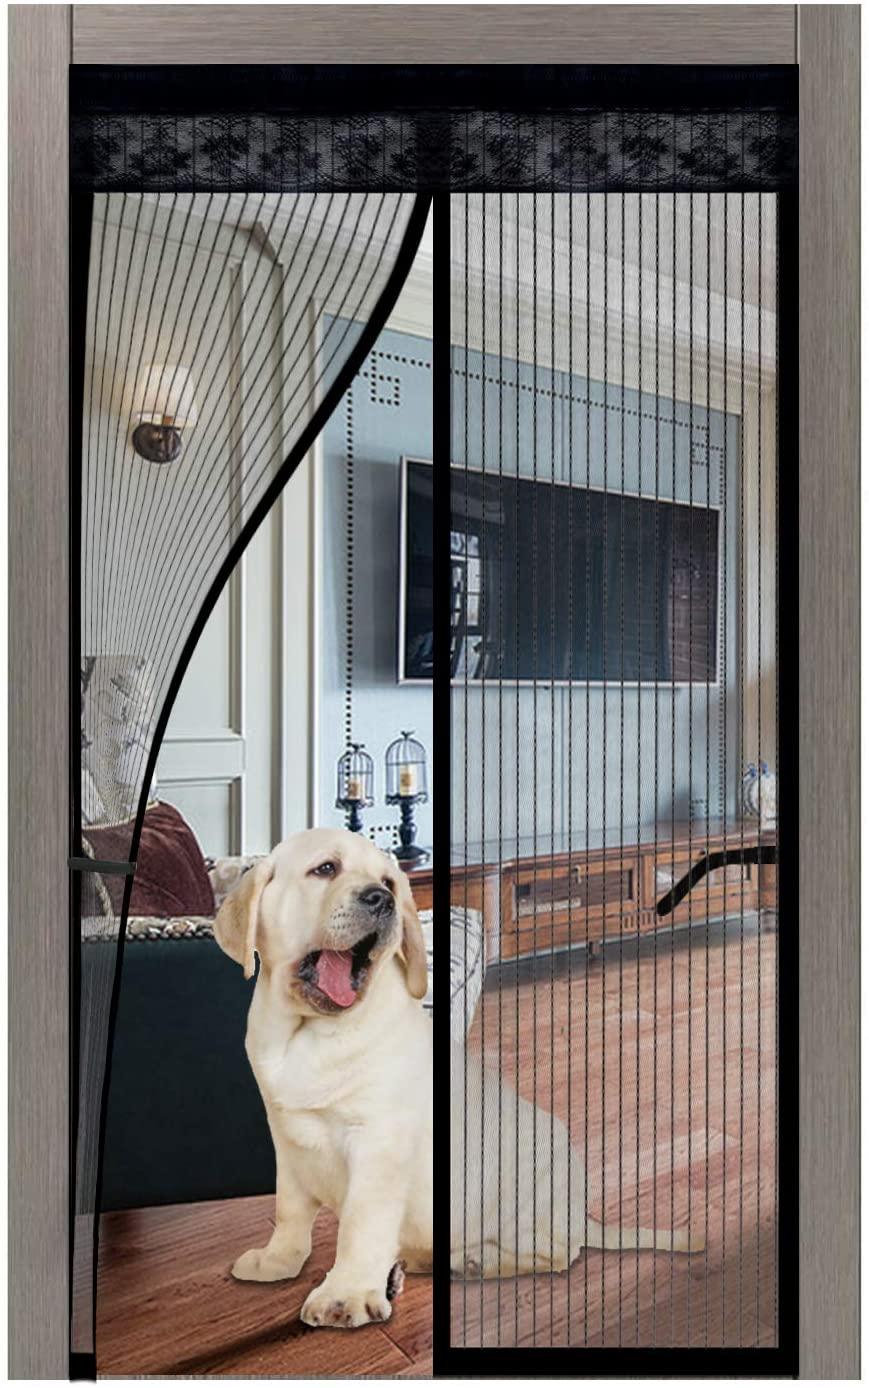 스크린도어진 자석 35X82 2020 업그레이드석 화면 문 셀프링 헤비 듀티 메시 커튼 전체 프레임을 걸 맞는 모든 문 반대로 모기 BUG 애완 동물이 입장 친절한 유지 열려 손으로 무료